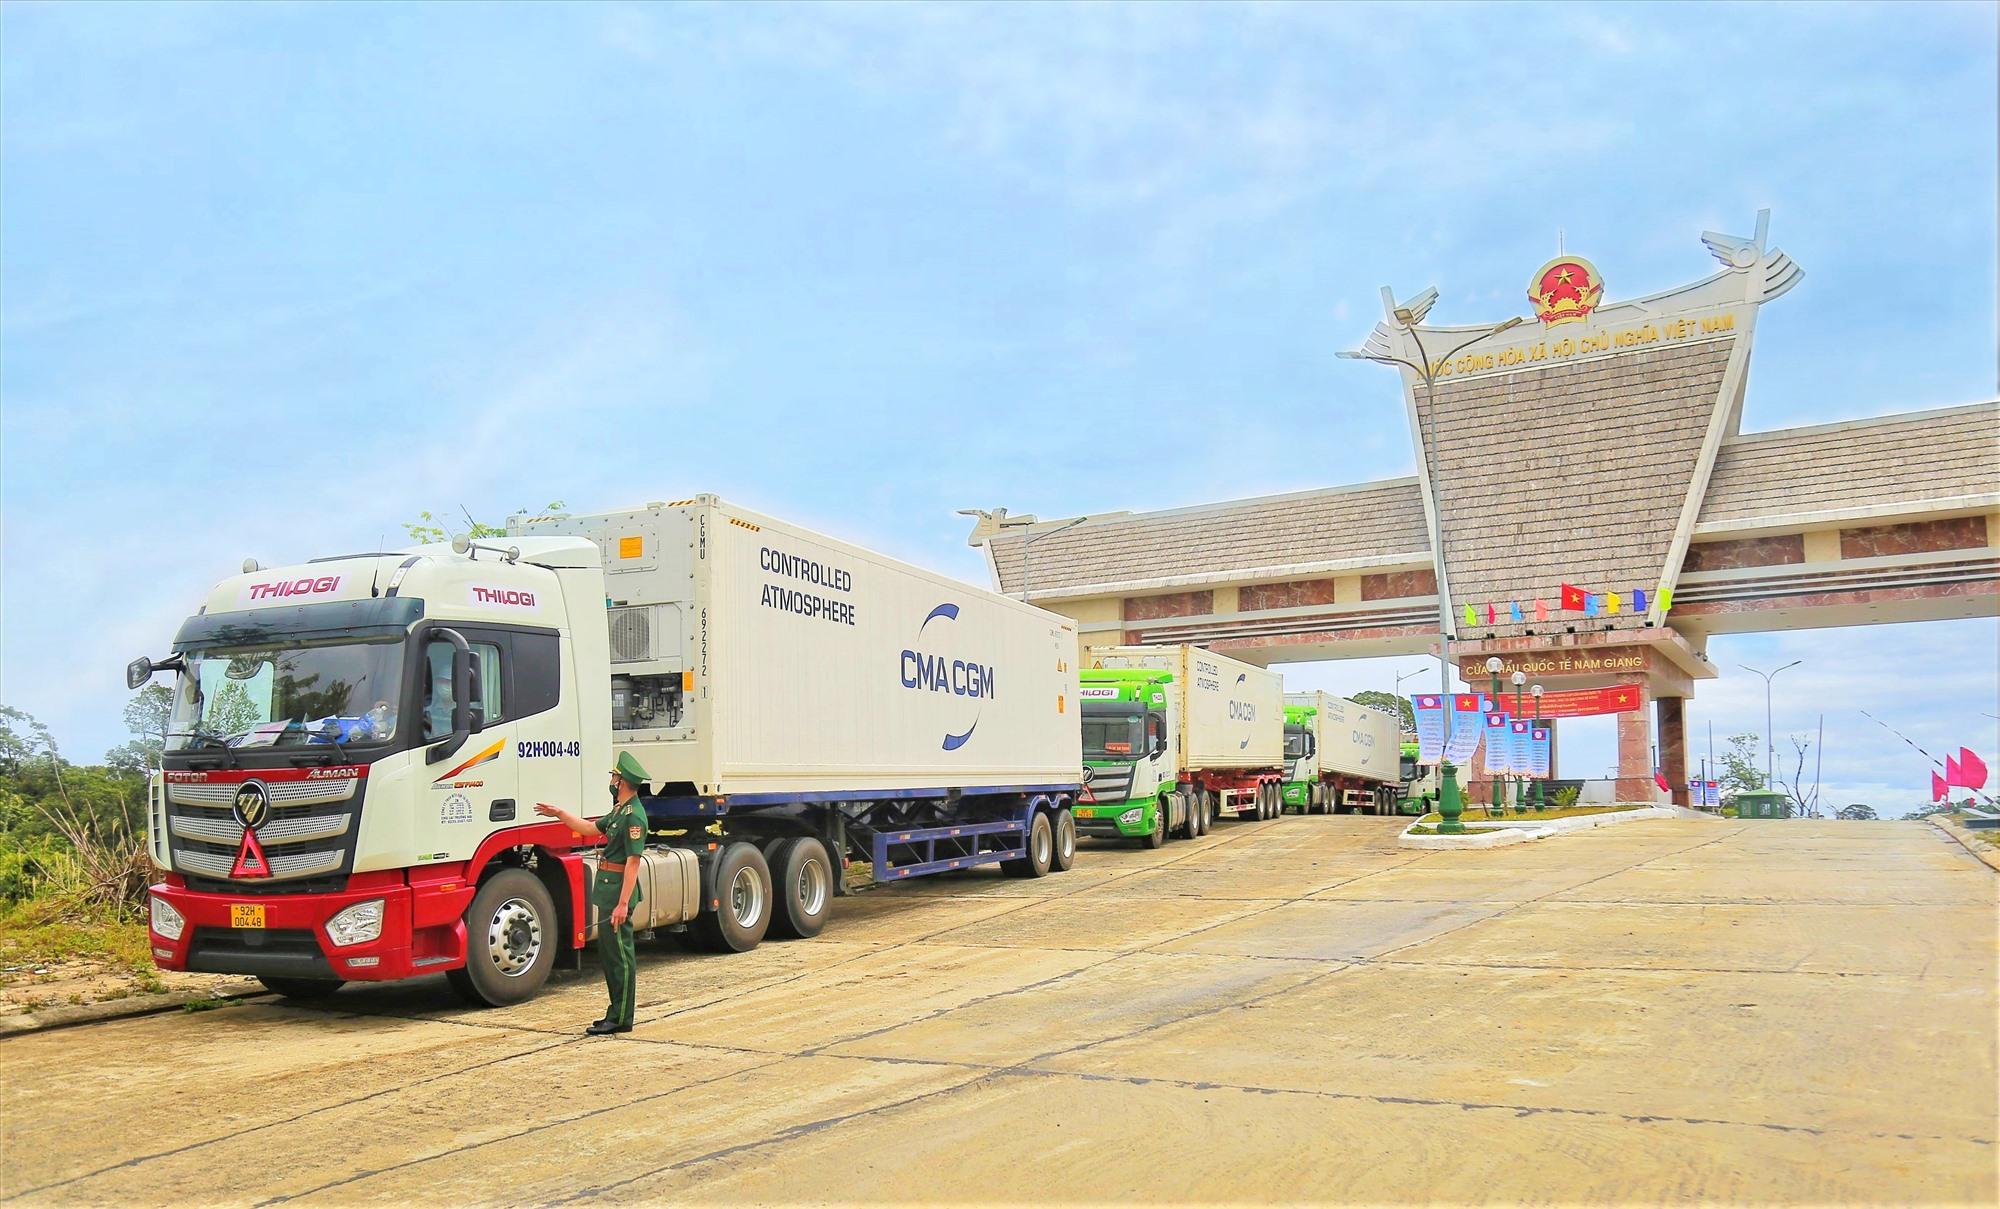 Phương tiện vận chuyển của THILOGI tại CK quốc tế Nam Giang trong ngày khai trương.